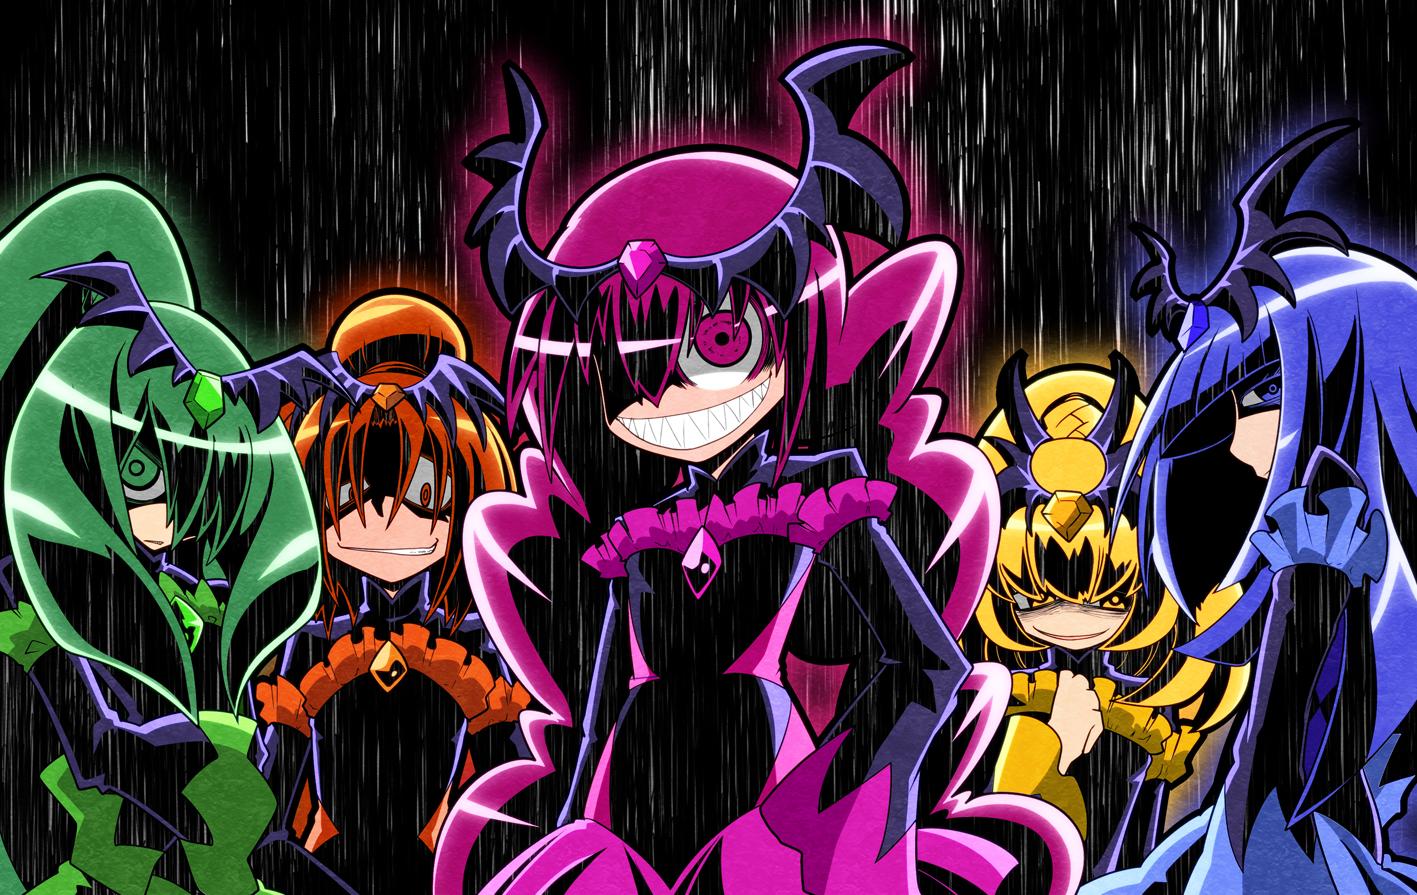 Bad End Beauty Fanart Zerochan Anime Image Board